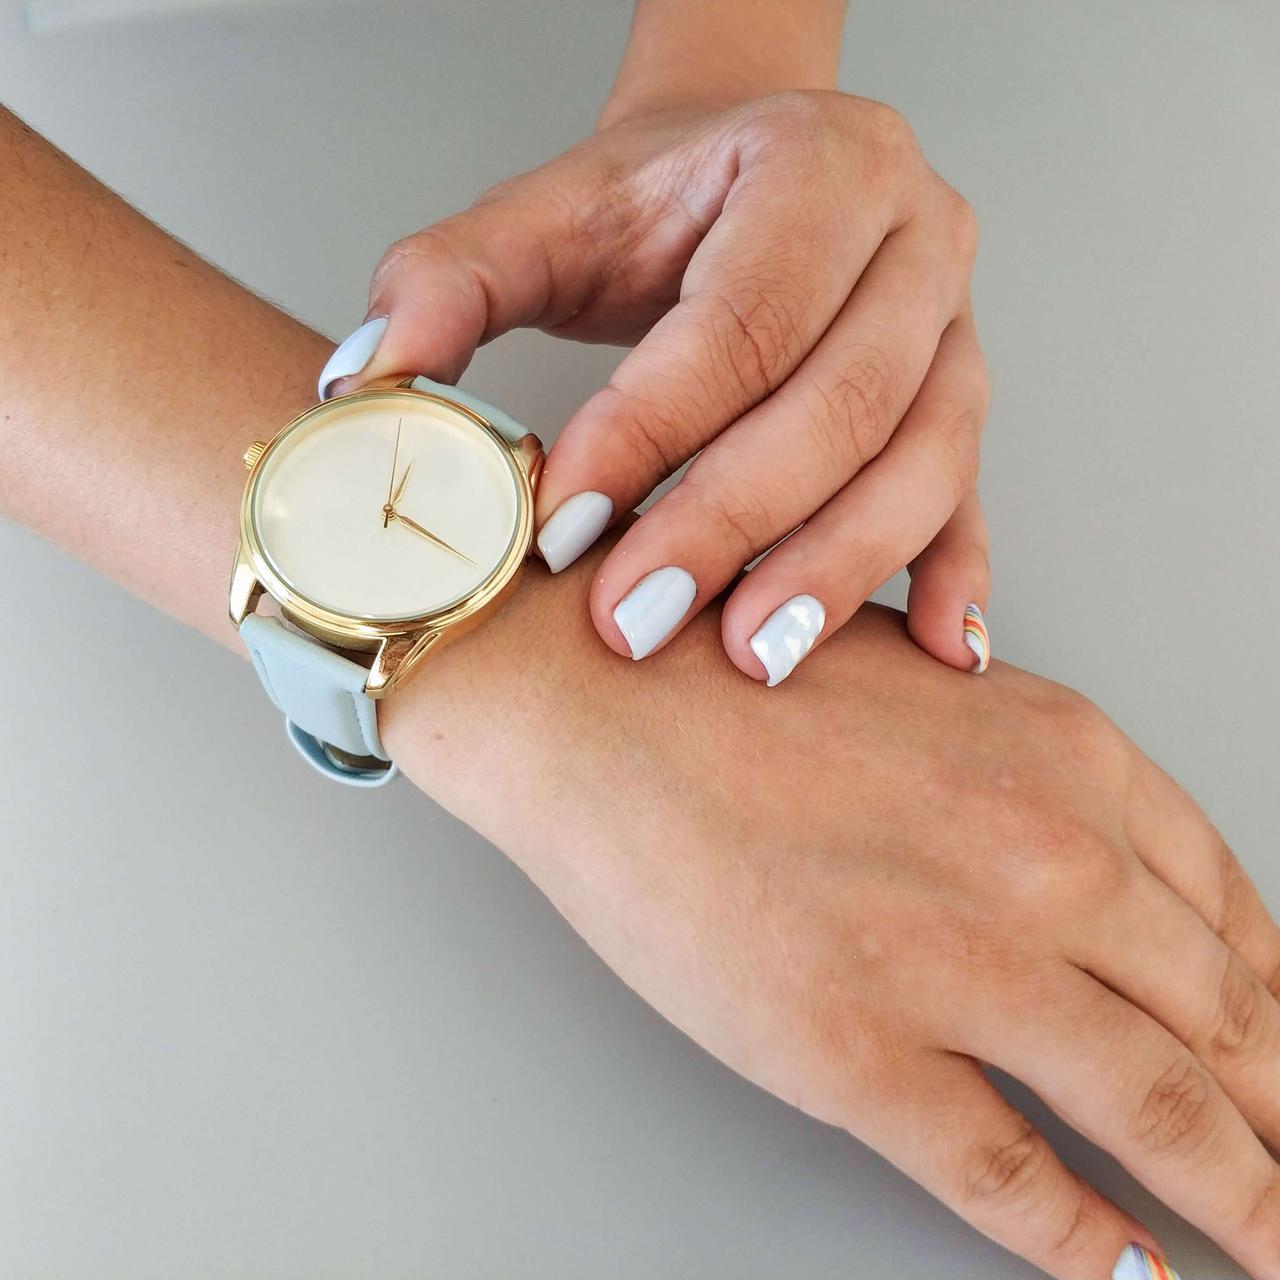 Годинник ZIZ Мінімалізм (ремінець ніжно - блакитний, золото) + додатковий ремінець